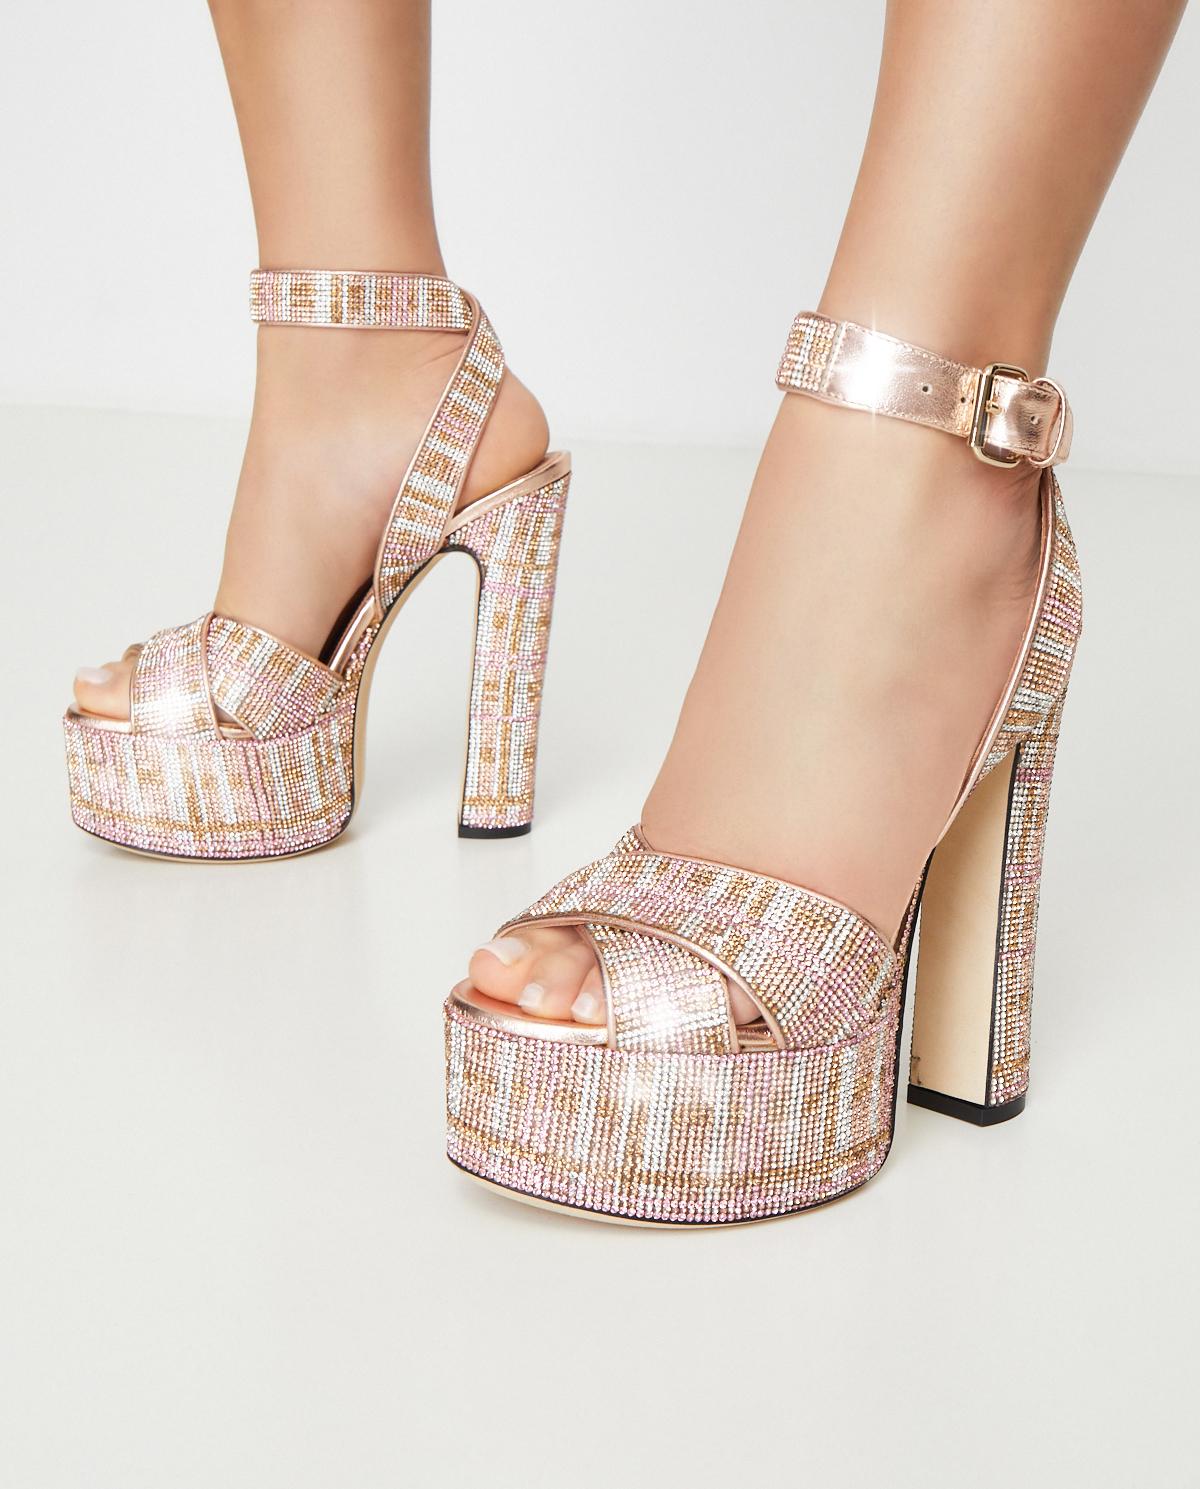 Sandały na platformie z kryształami Marco de Vincenzo MXV346 040